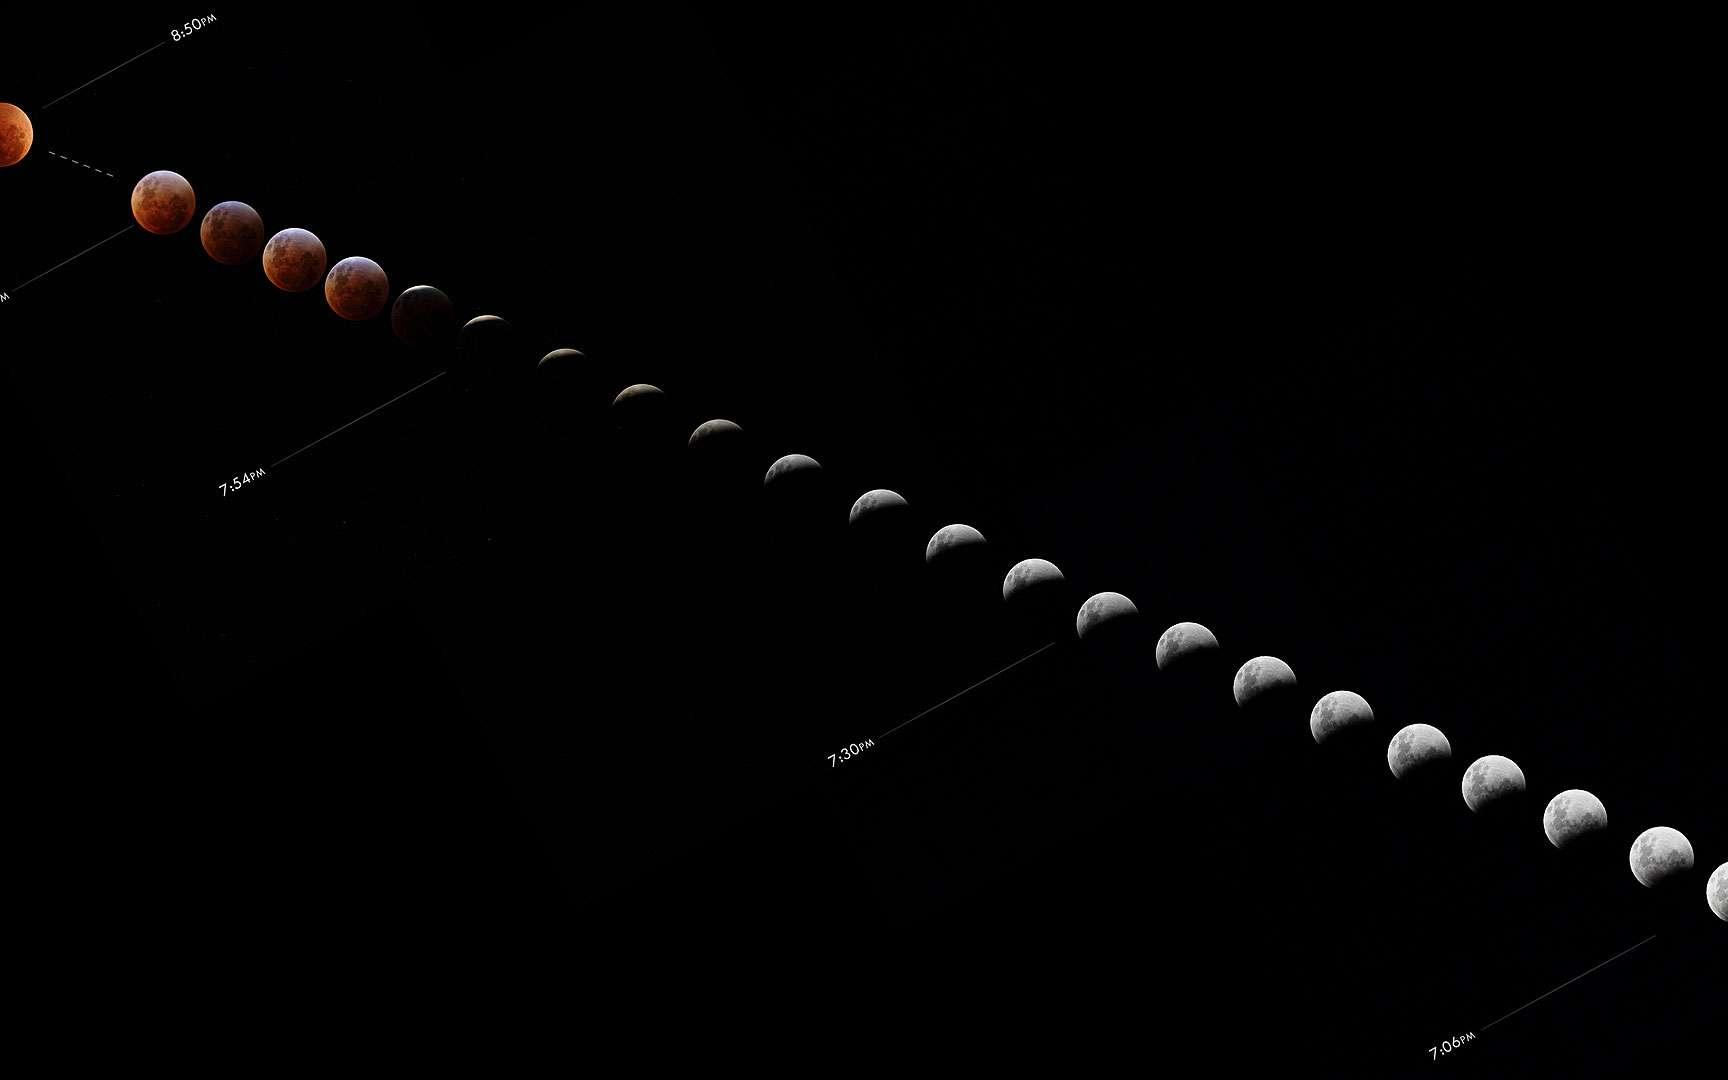 L'Eclipse Totale de Lune du 28 Octobre 2004. Ferme de Richemont, à 25 km au sud de Bordeaux Ciel dégagé pendant l'entrée dans l'ombre, jusqu'au début de la totalité. Pendant la totalité: quelques courtes éclaircies permettant tout juste de faire des poses de 10s, puis ciel bouché empêchant de voir la fin de la totalité. Lunette Kepler 120/1000 motorisée, en suivi lunaire. Reflex argentique vivitar 3800N (mecanique) au foyer Film: centuria 200 iso Pose 10s, occultation manuelle ©Copyright - Jean-Baptiste GORDIEN. Tous droits réservés. http://www.astrosurf.com/astrojb